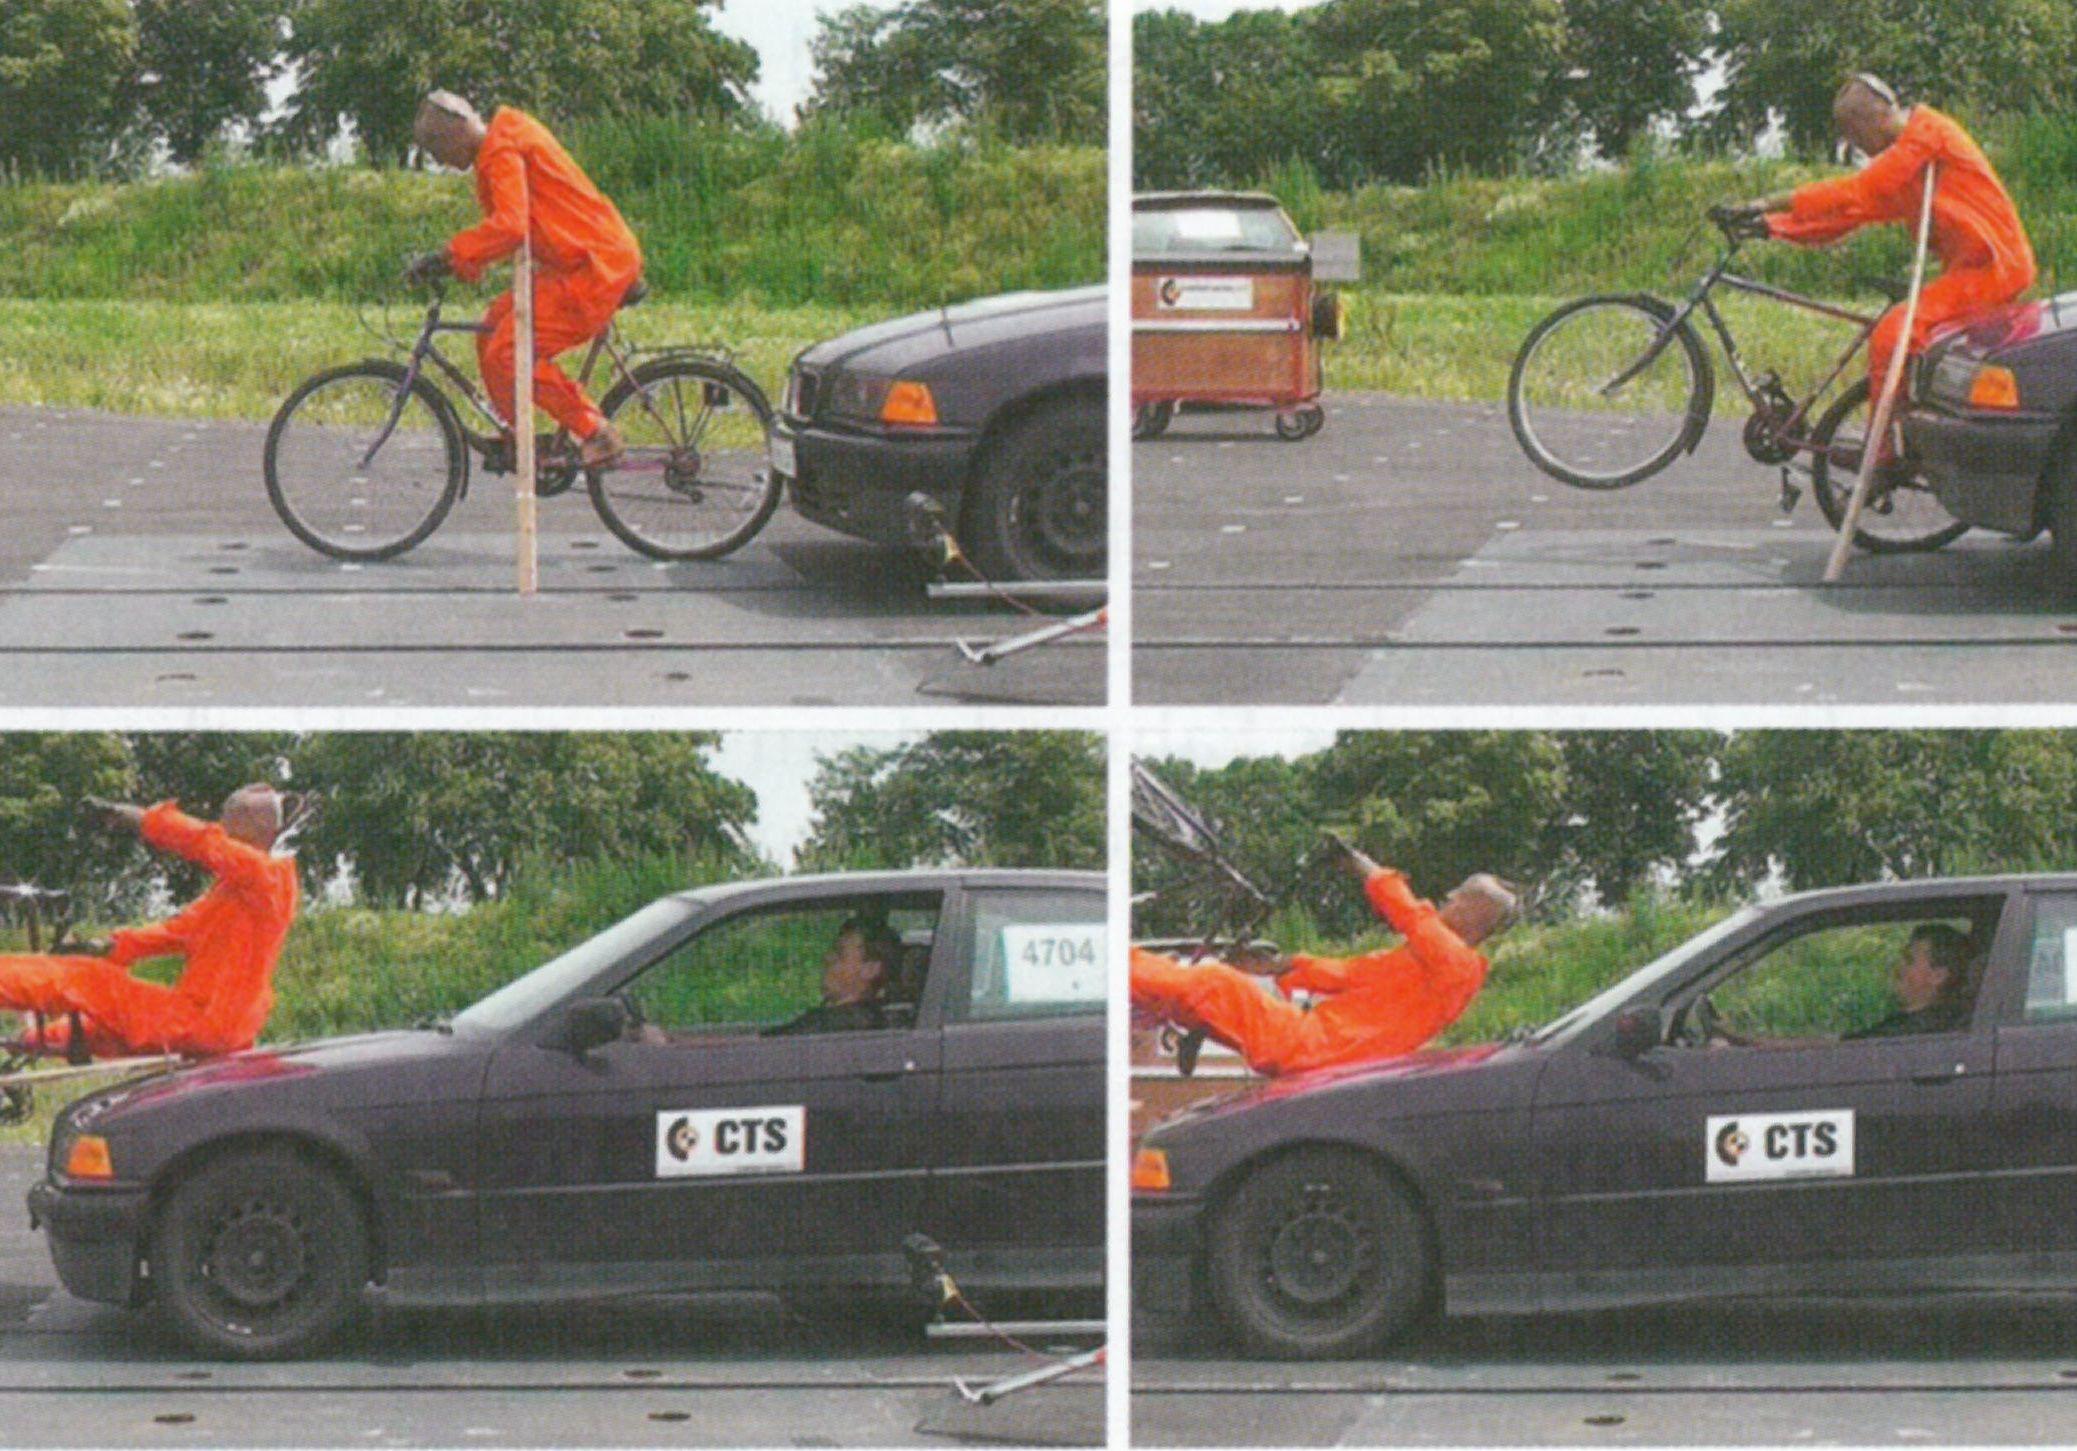 Crashversuch einer Pkw-Radfahrer-Kollision